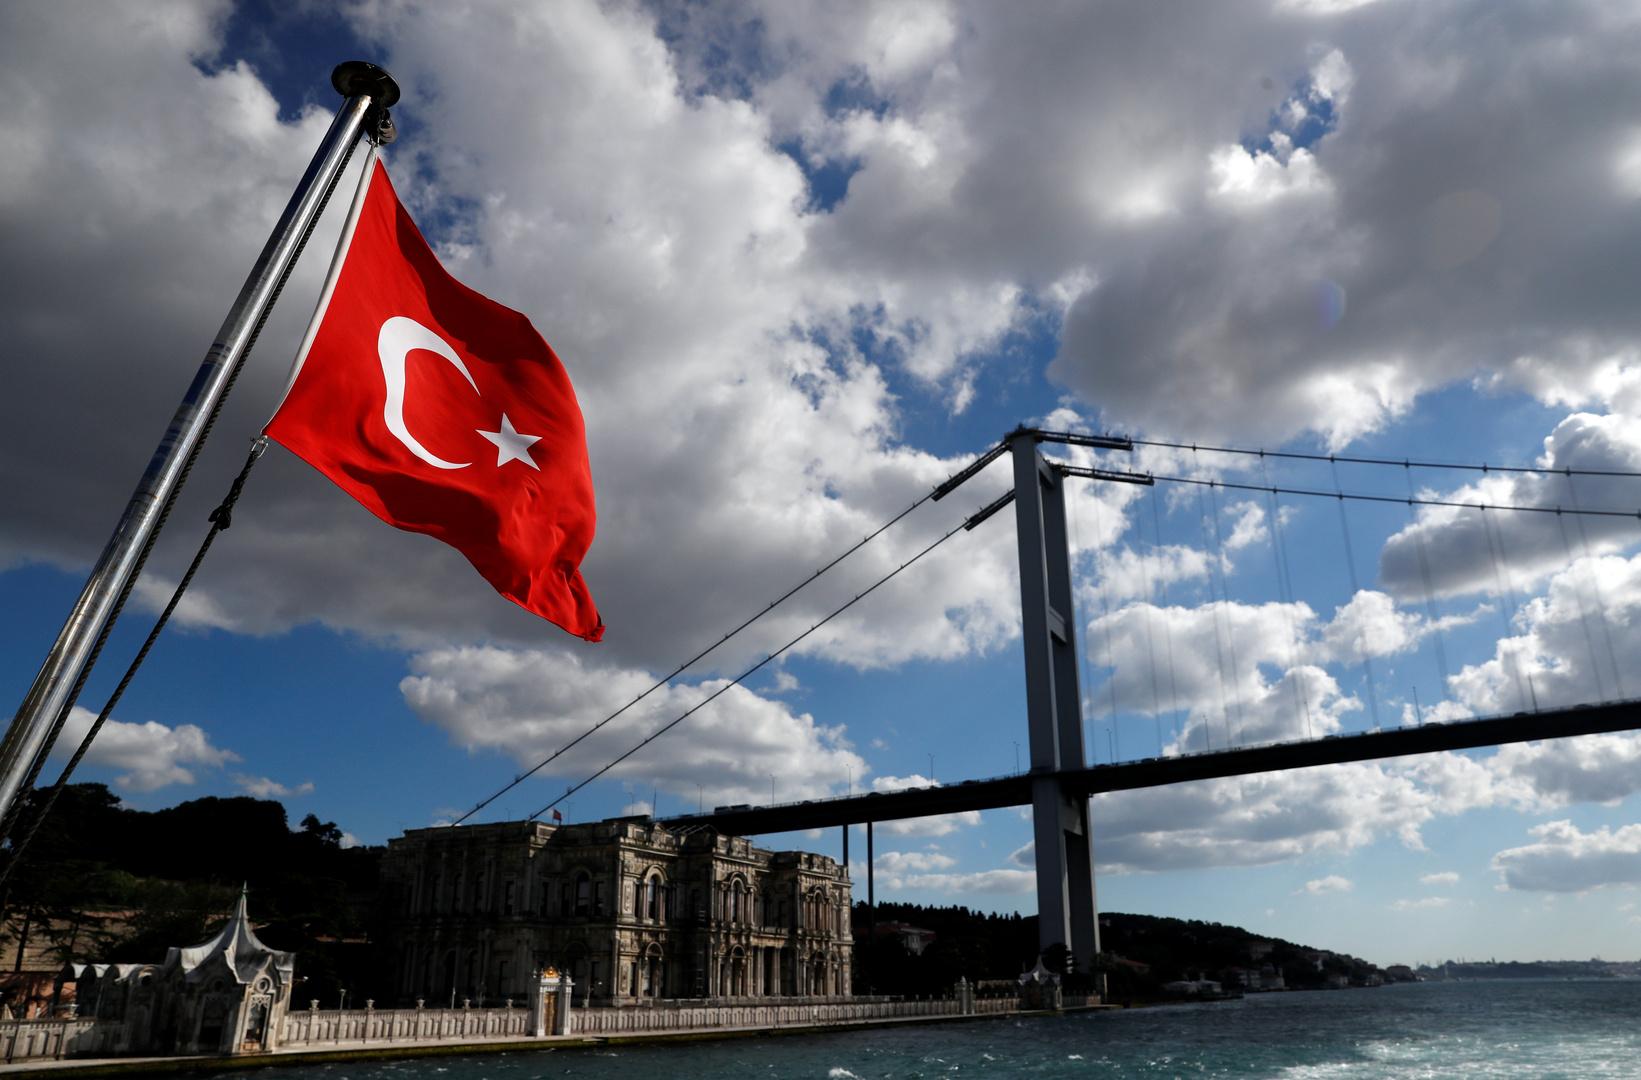 وزارة الدفاع التركية: توقيف 3 نيوزيلنديين بينهم إرهابي من